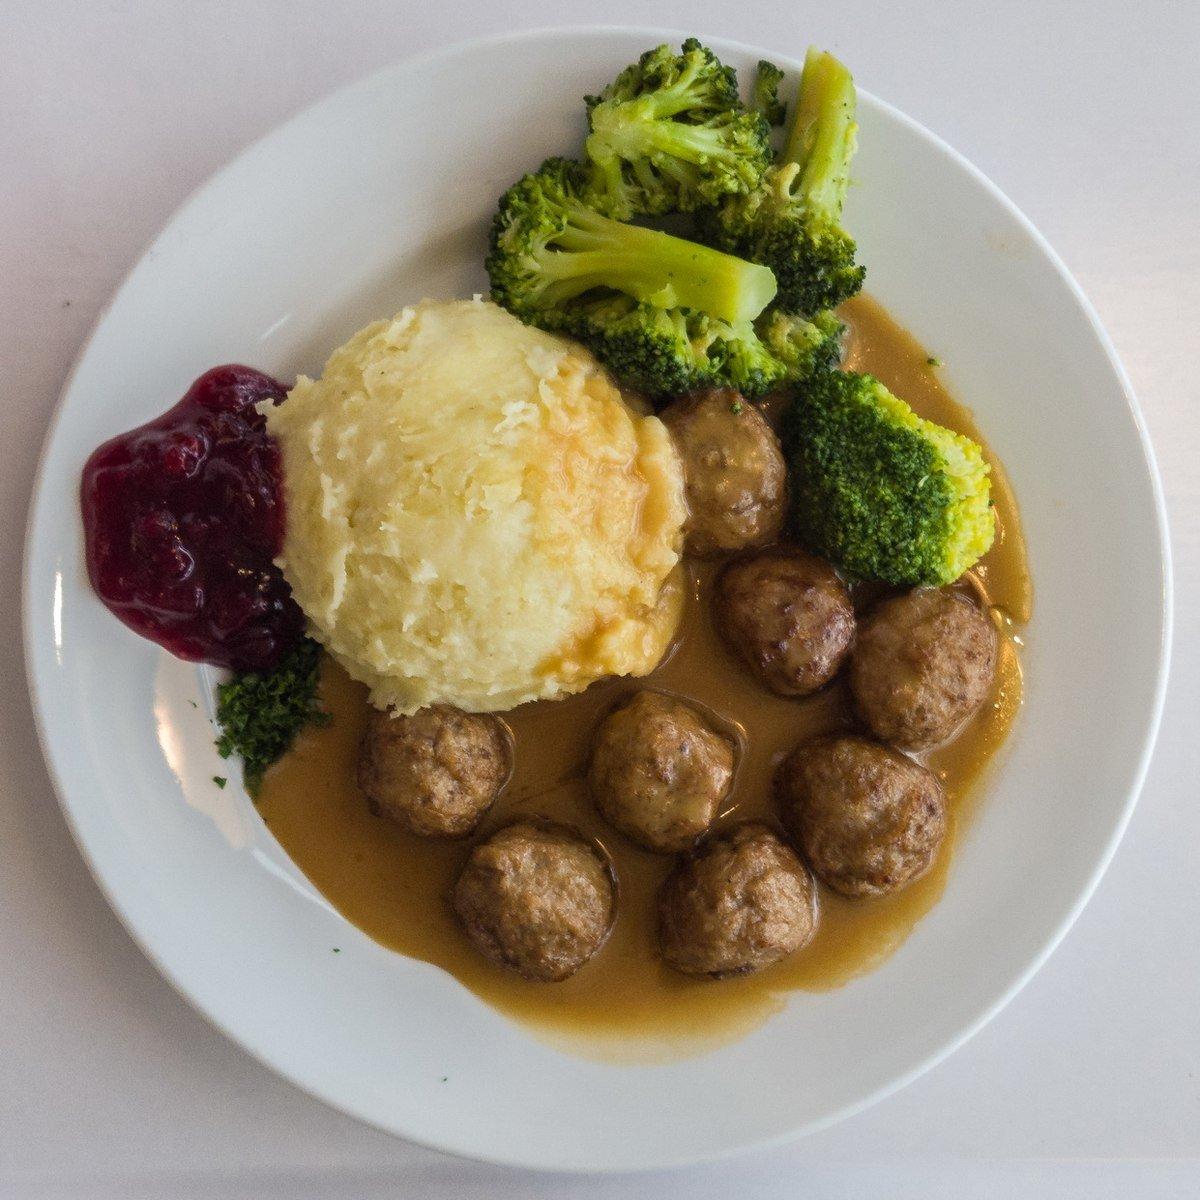 Schwedischess Essen kochen Sie zu Hause